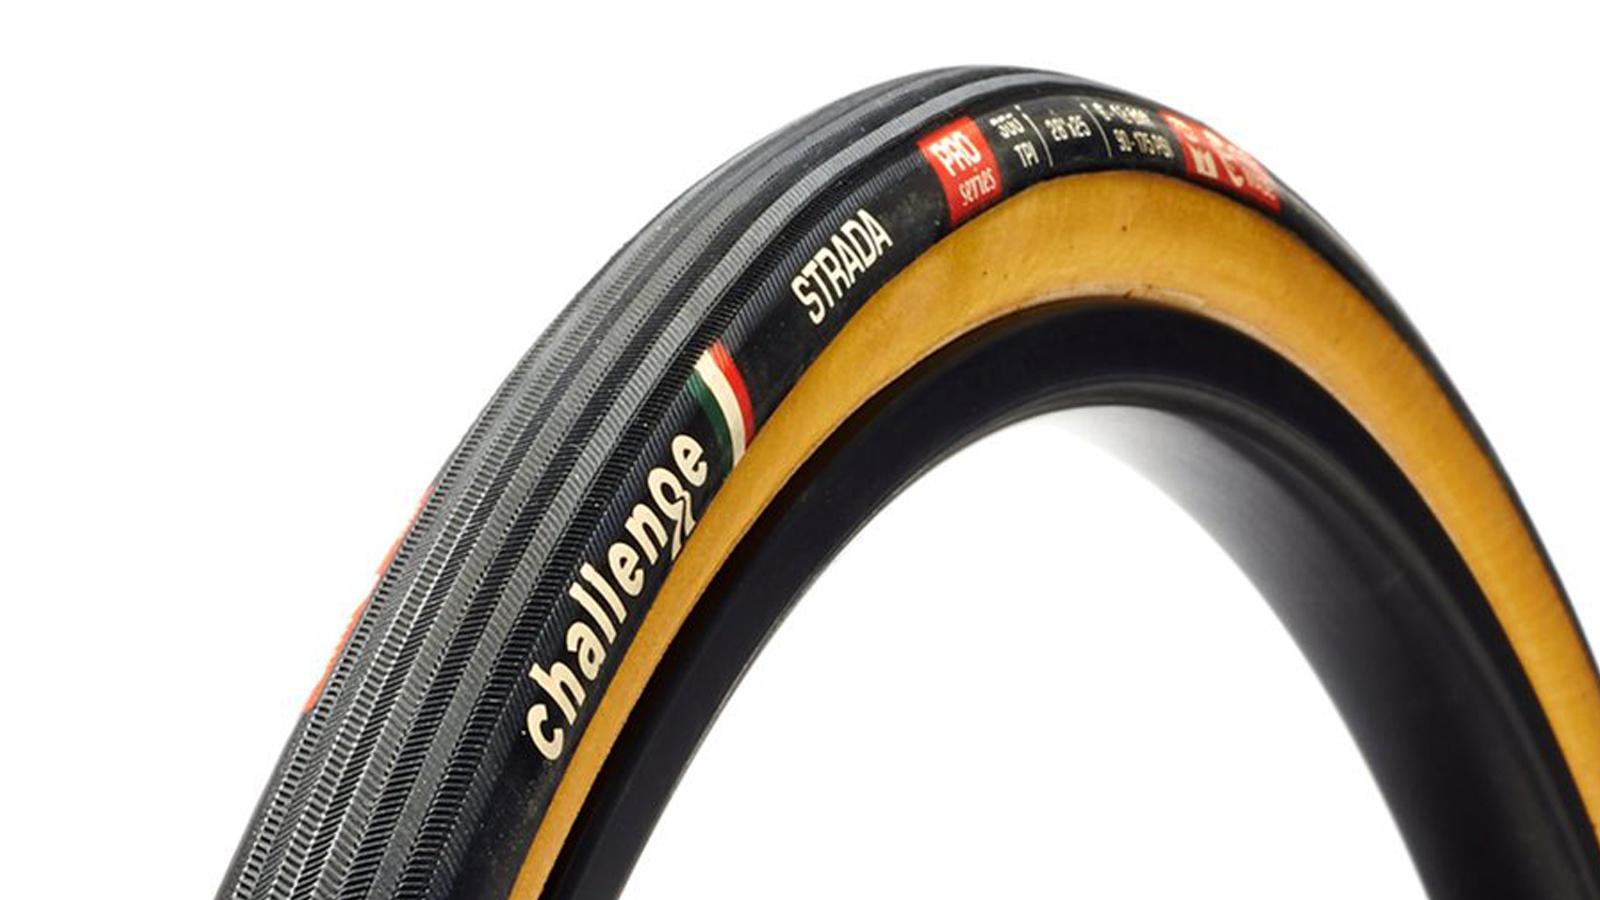 Best Road bike tyres: Challenge Strada Pro Tyres